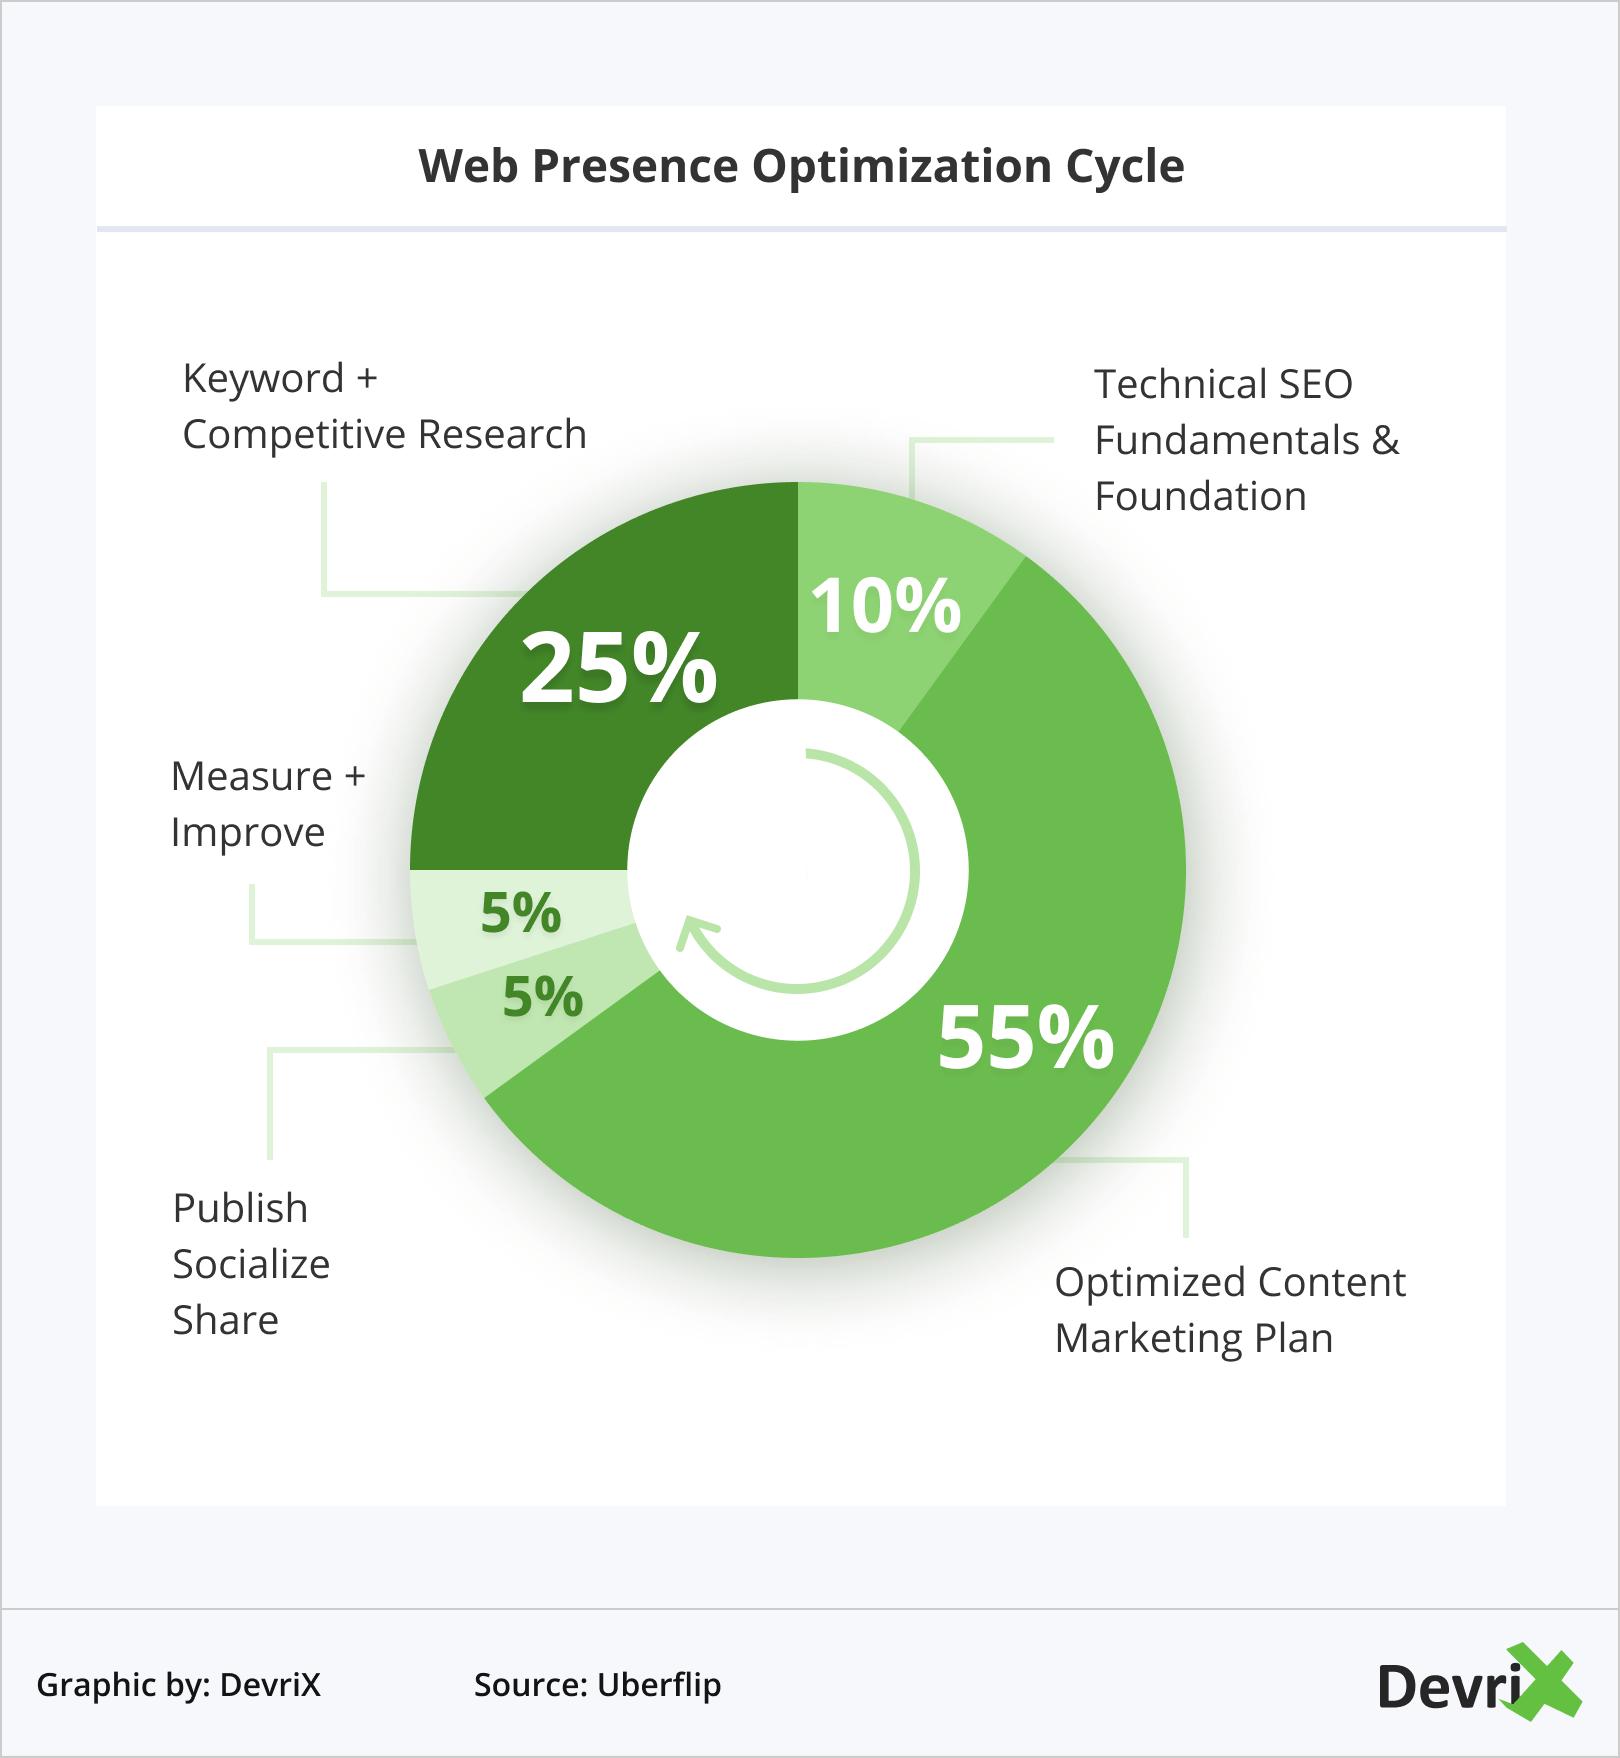 Web Presence Optimization Cycle